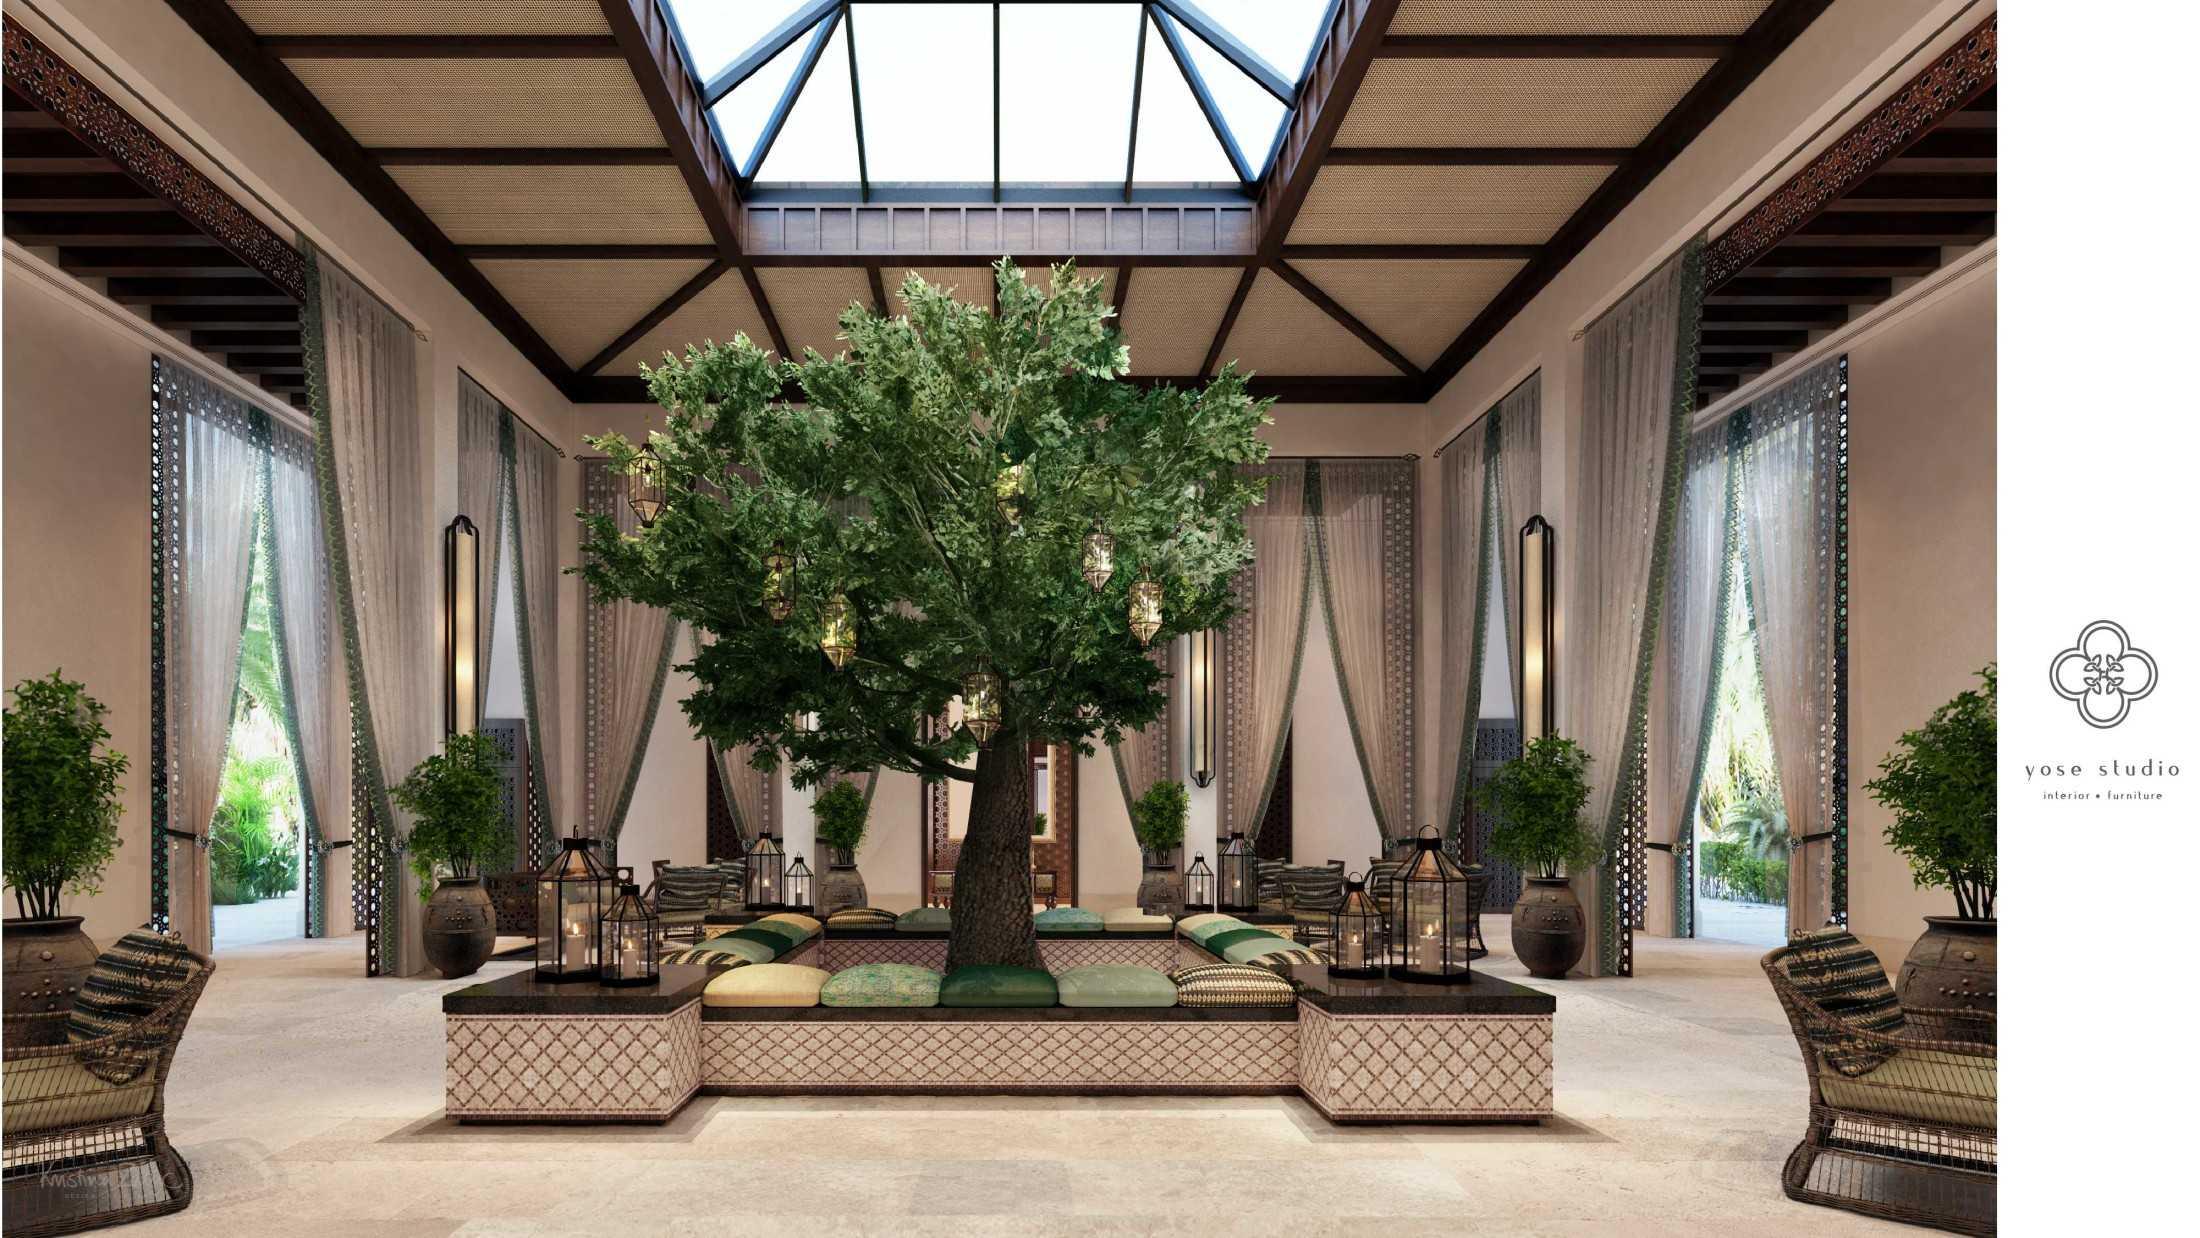 Yose Studio Ritz Carlton Al Wadi Uni Emirat Arab Uni Emirat Arab Yose-Studio-Ritz-Carlton-Al-Wadi  109583